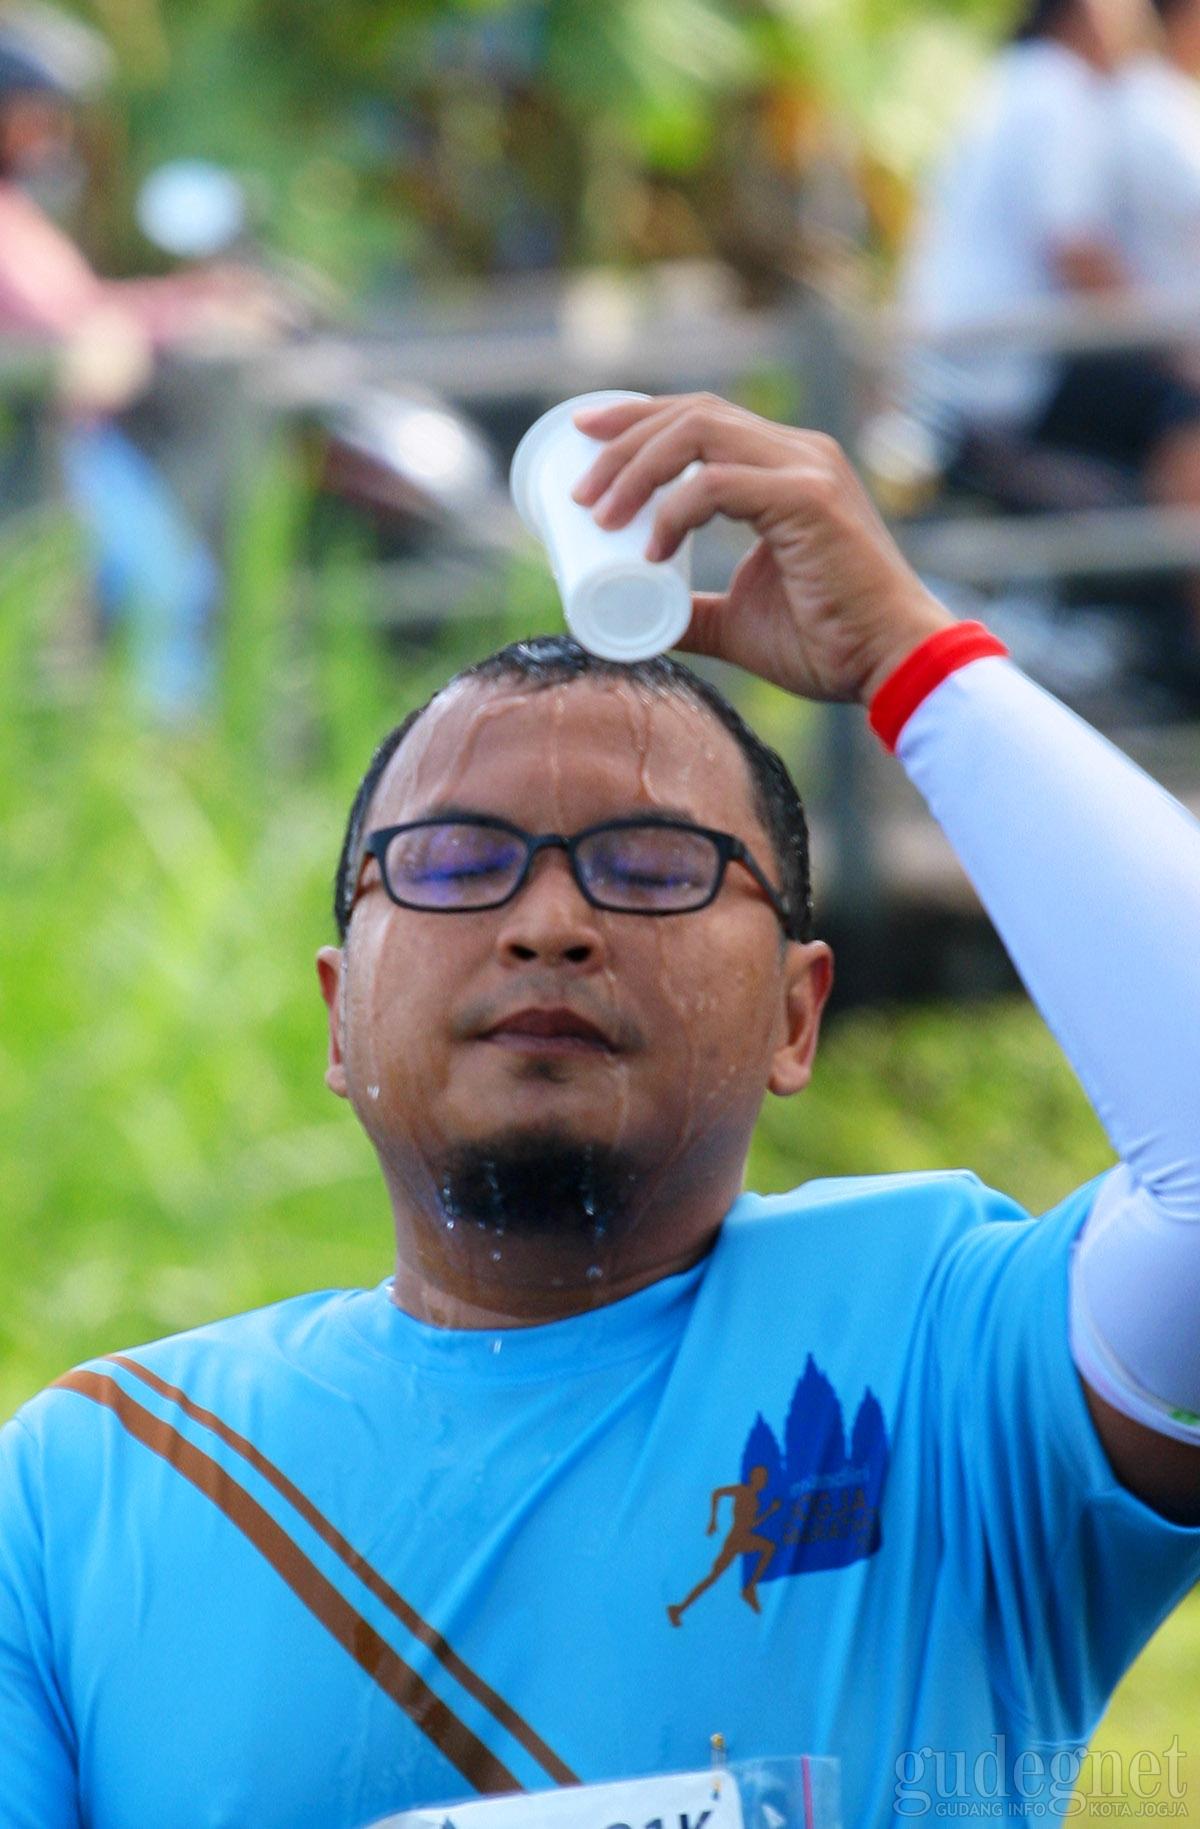 Tips Terhindar dari Dehidrasi Musim Panas